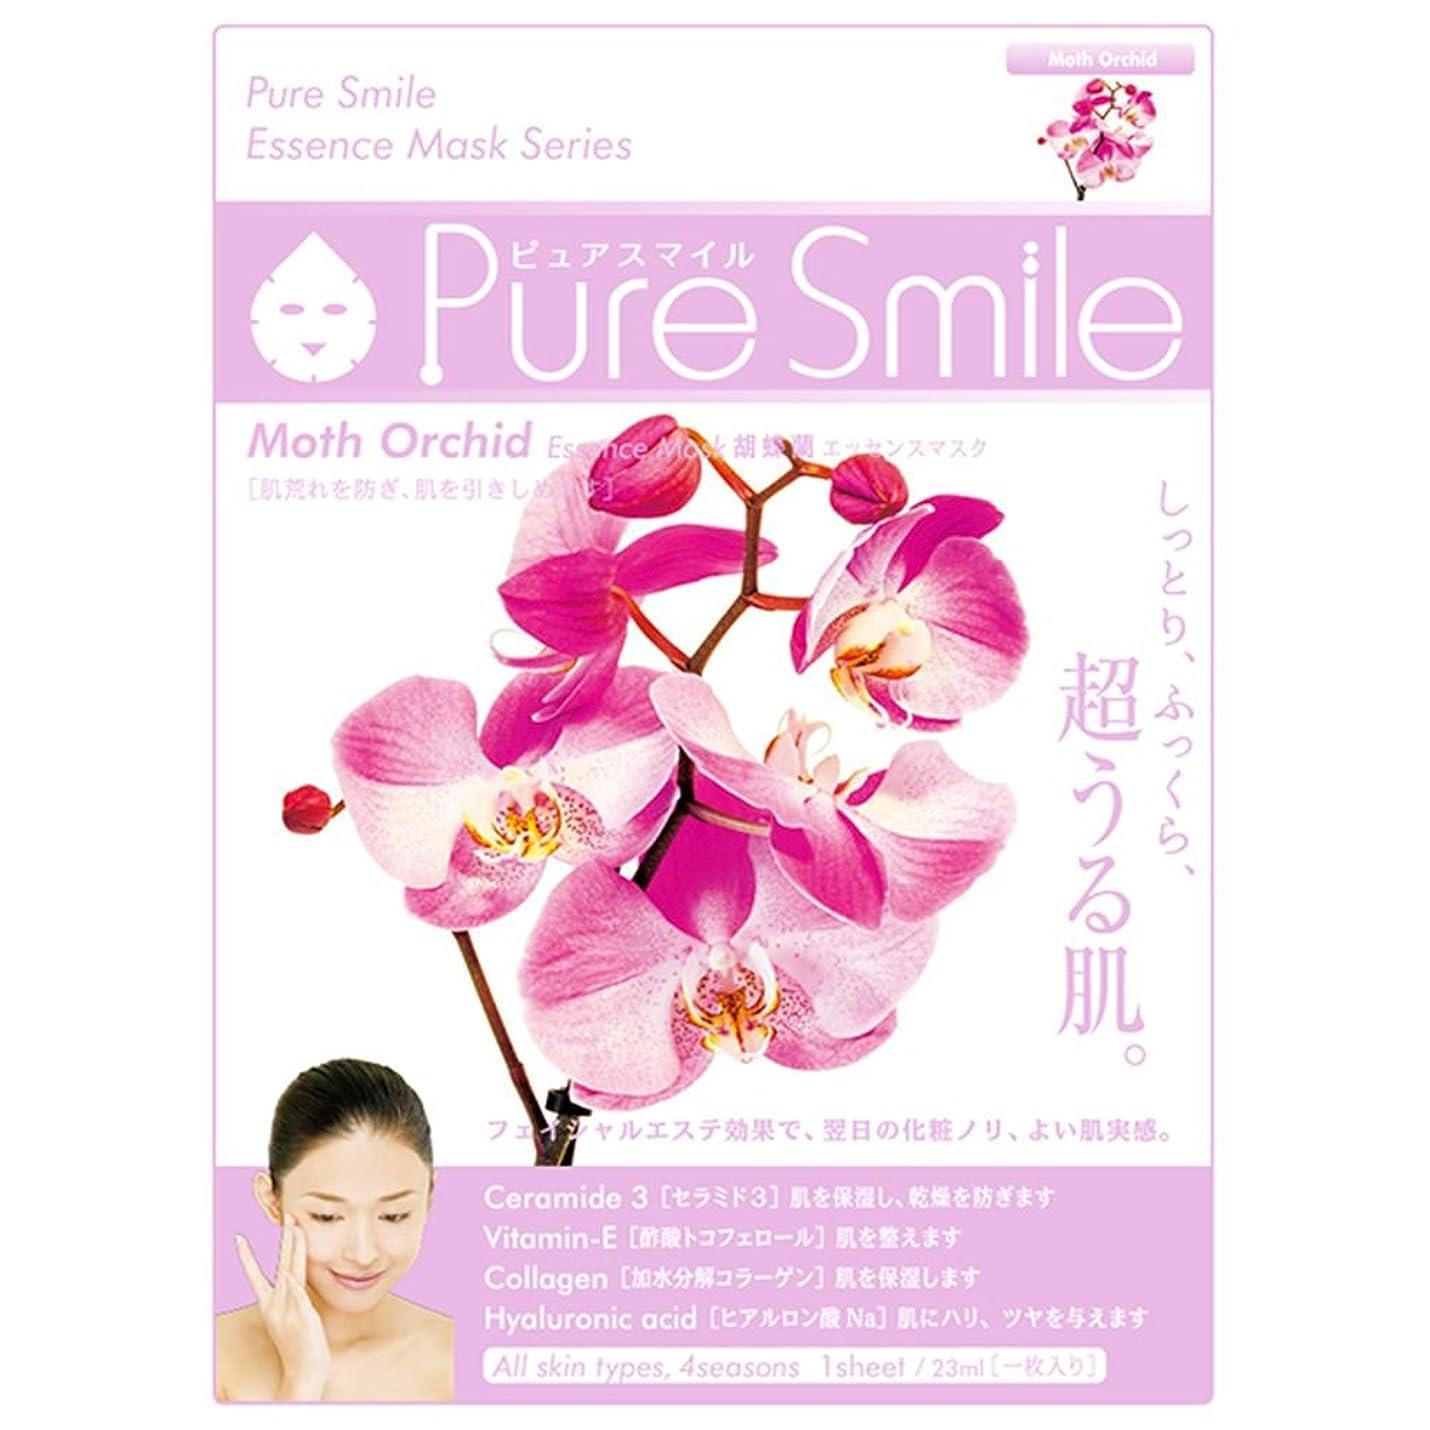 トリクル汚す起訴するPure Smile/ピュアスマイル エッセンス/フェイスマスク 『Moth Orchid/胡蝶蘭』